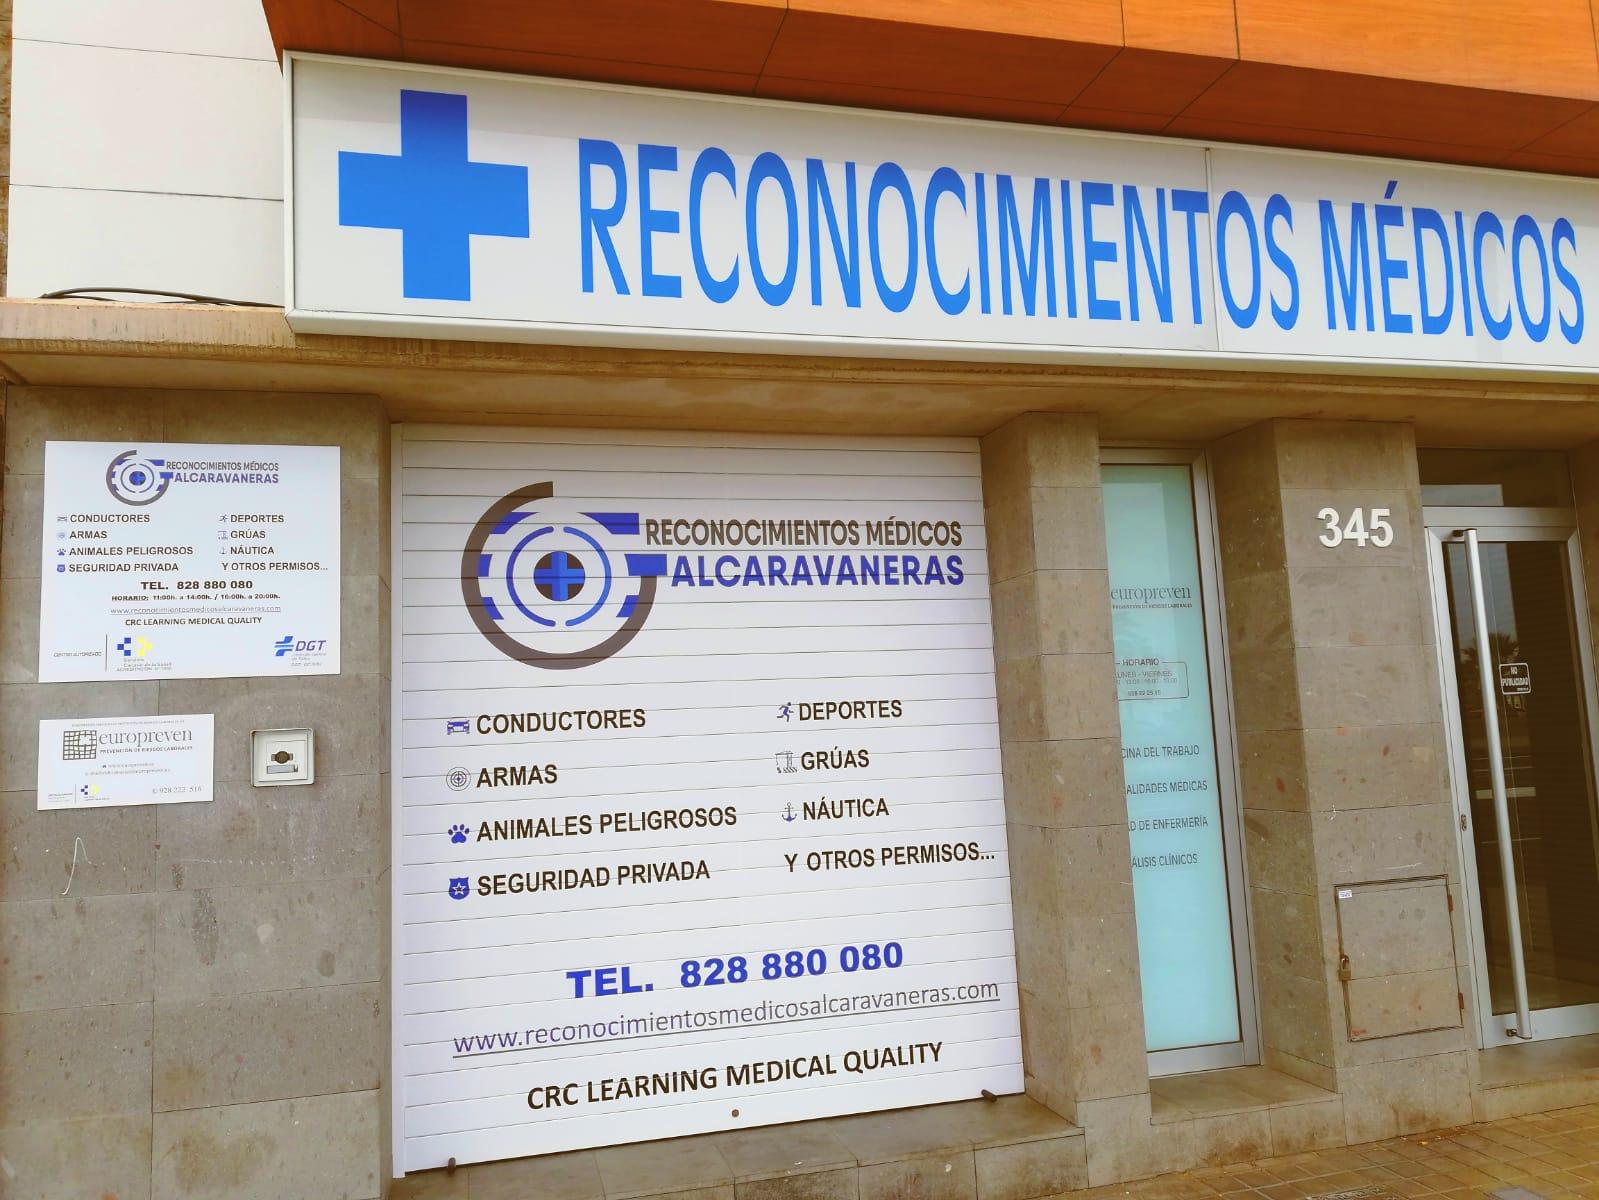 ENTRADA RECONOCIMIENTOS MEDICOS ALCARAVANERAS